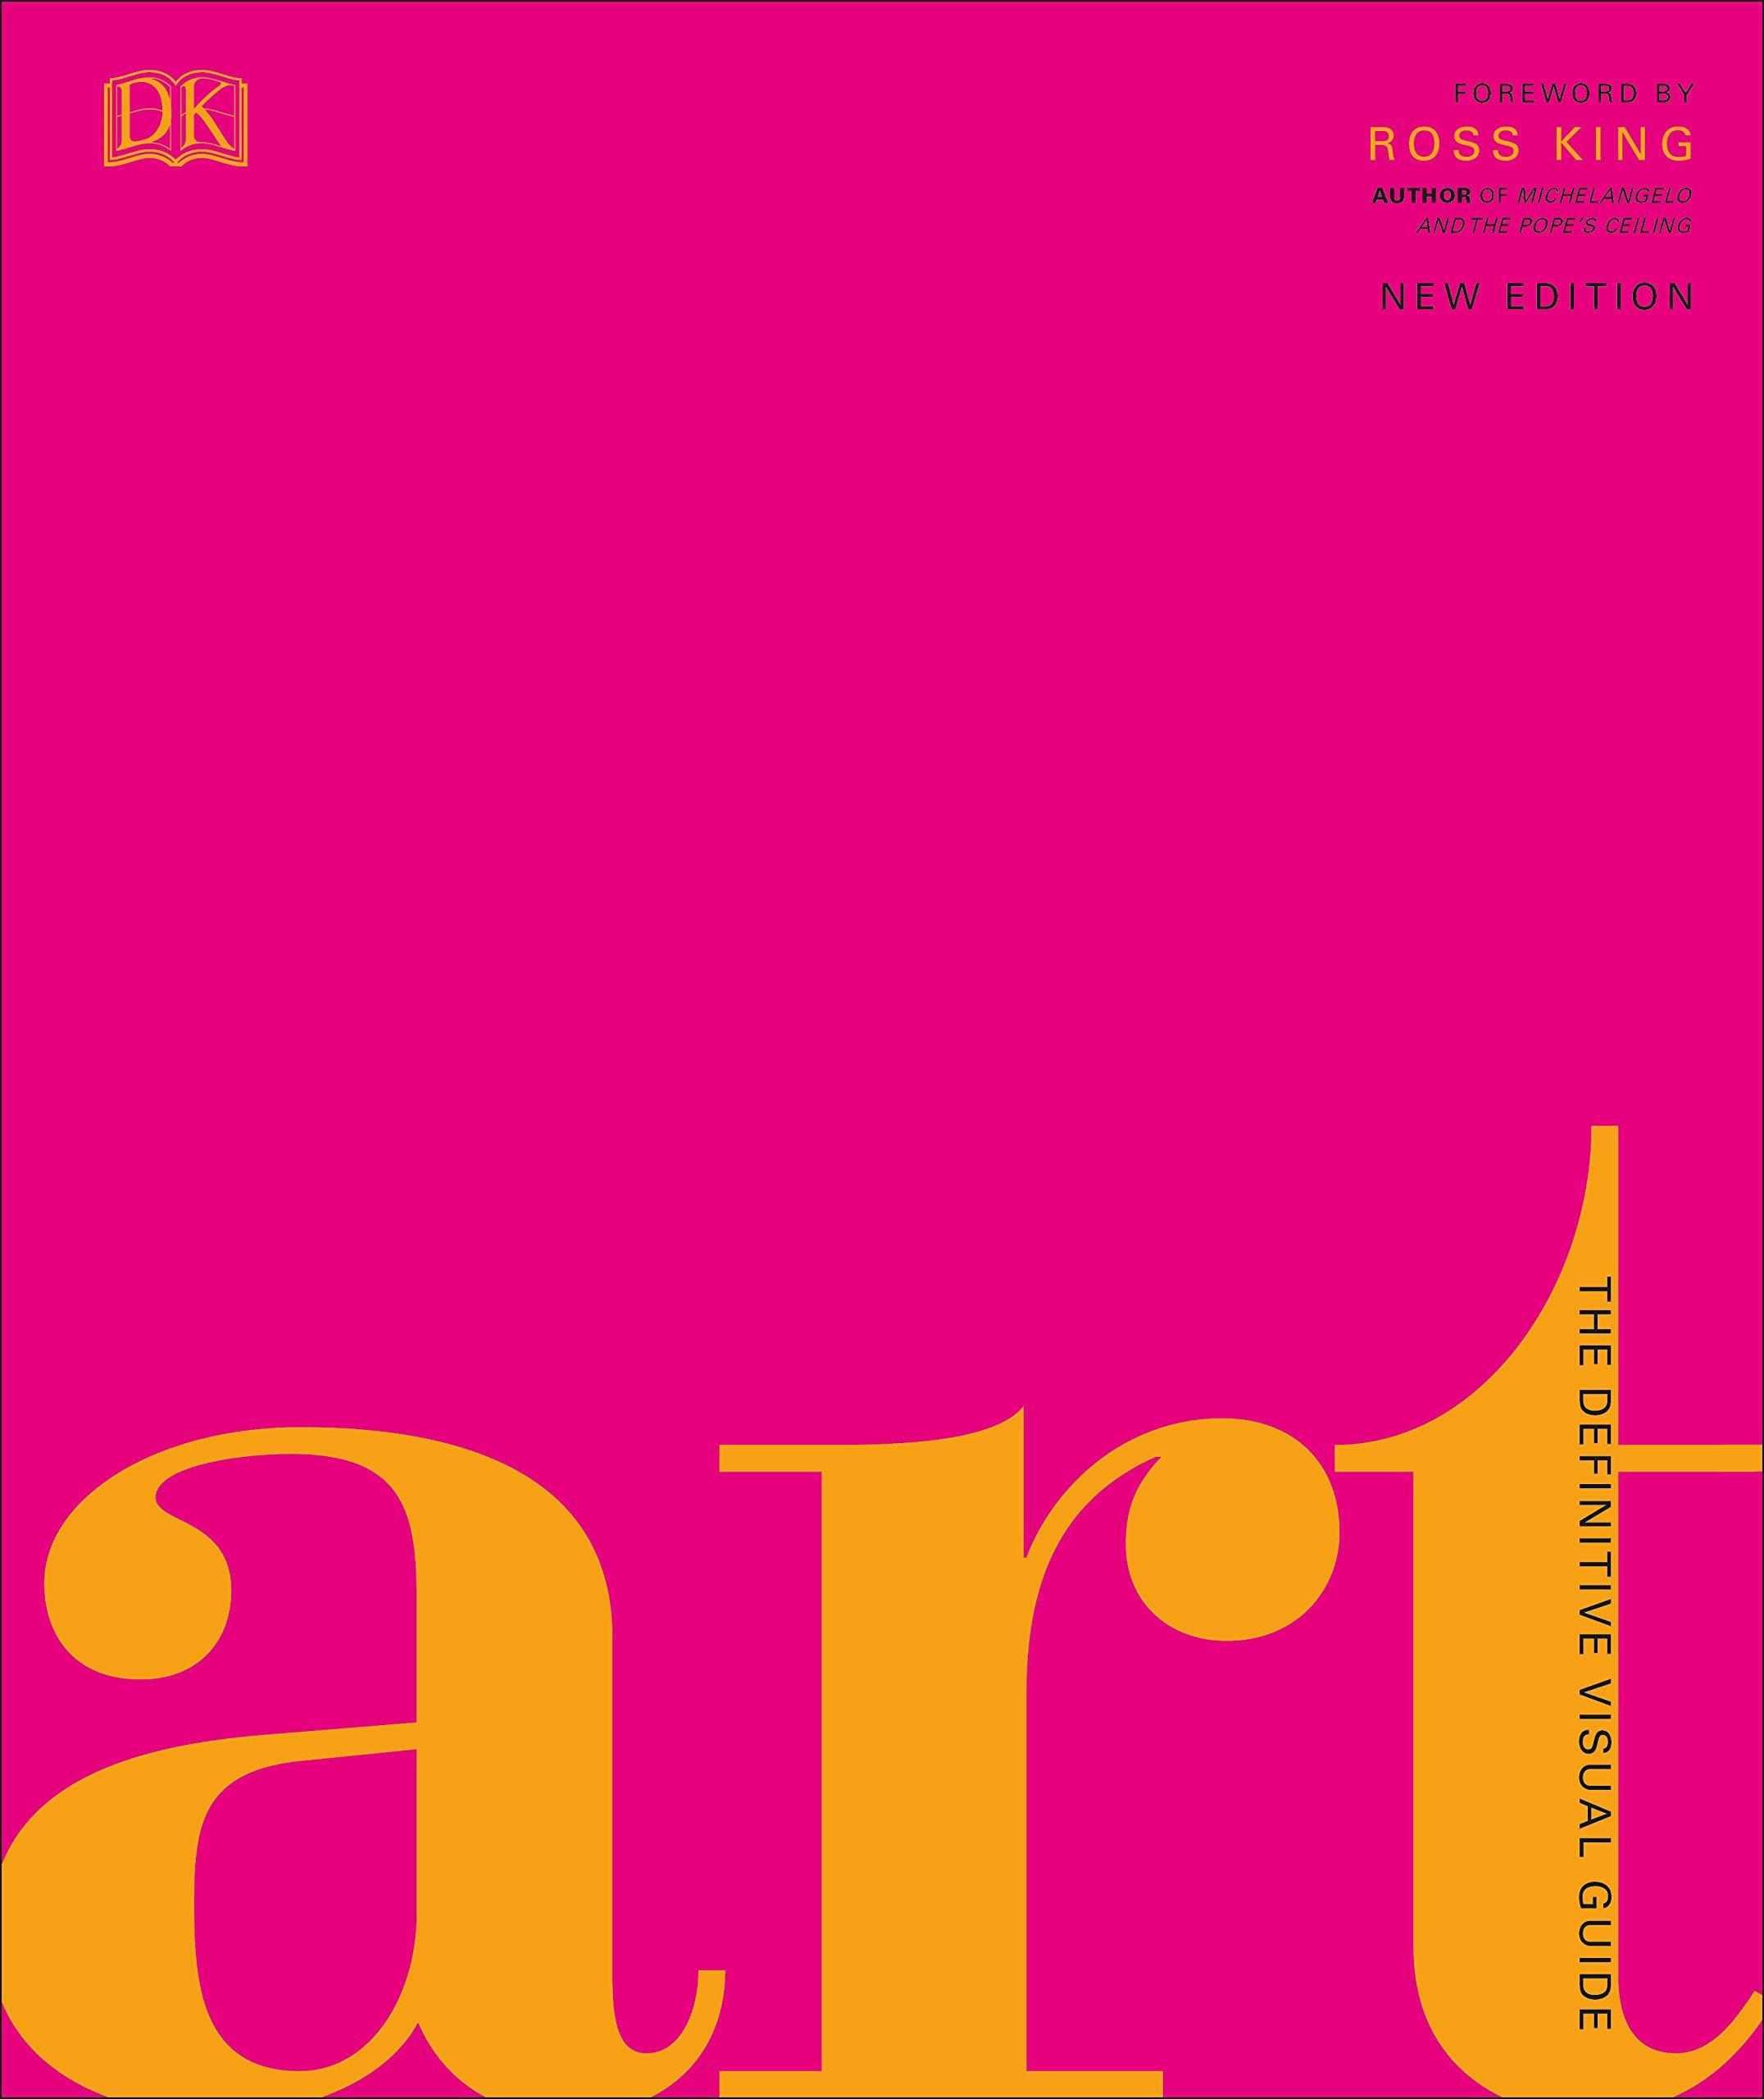 Kunst Couchtisch Buch Amazon